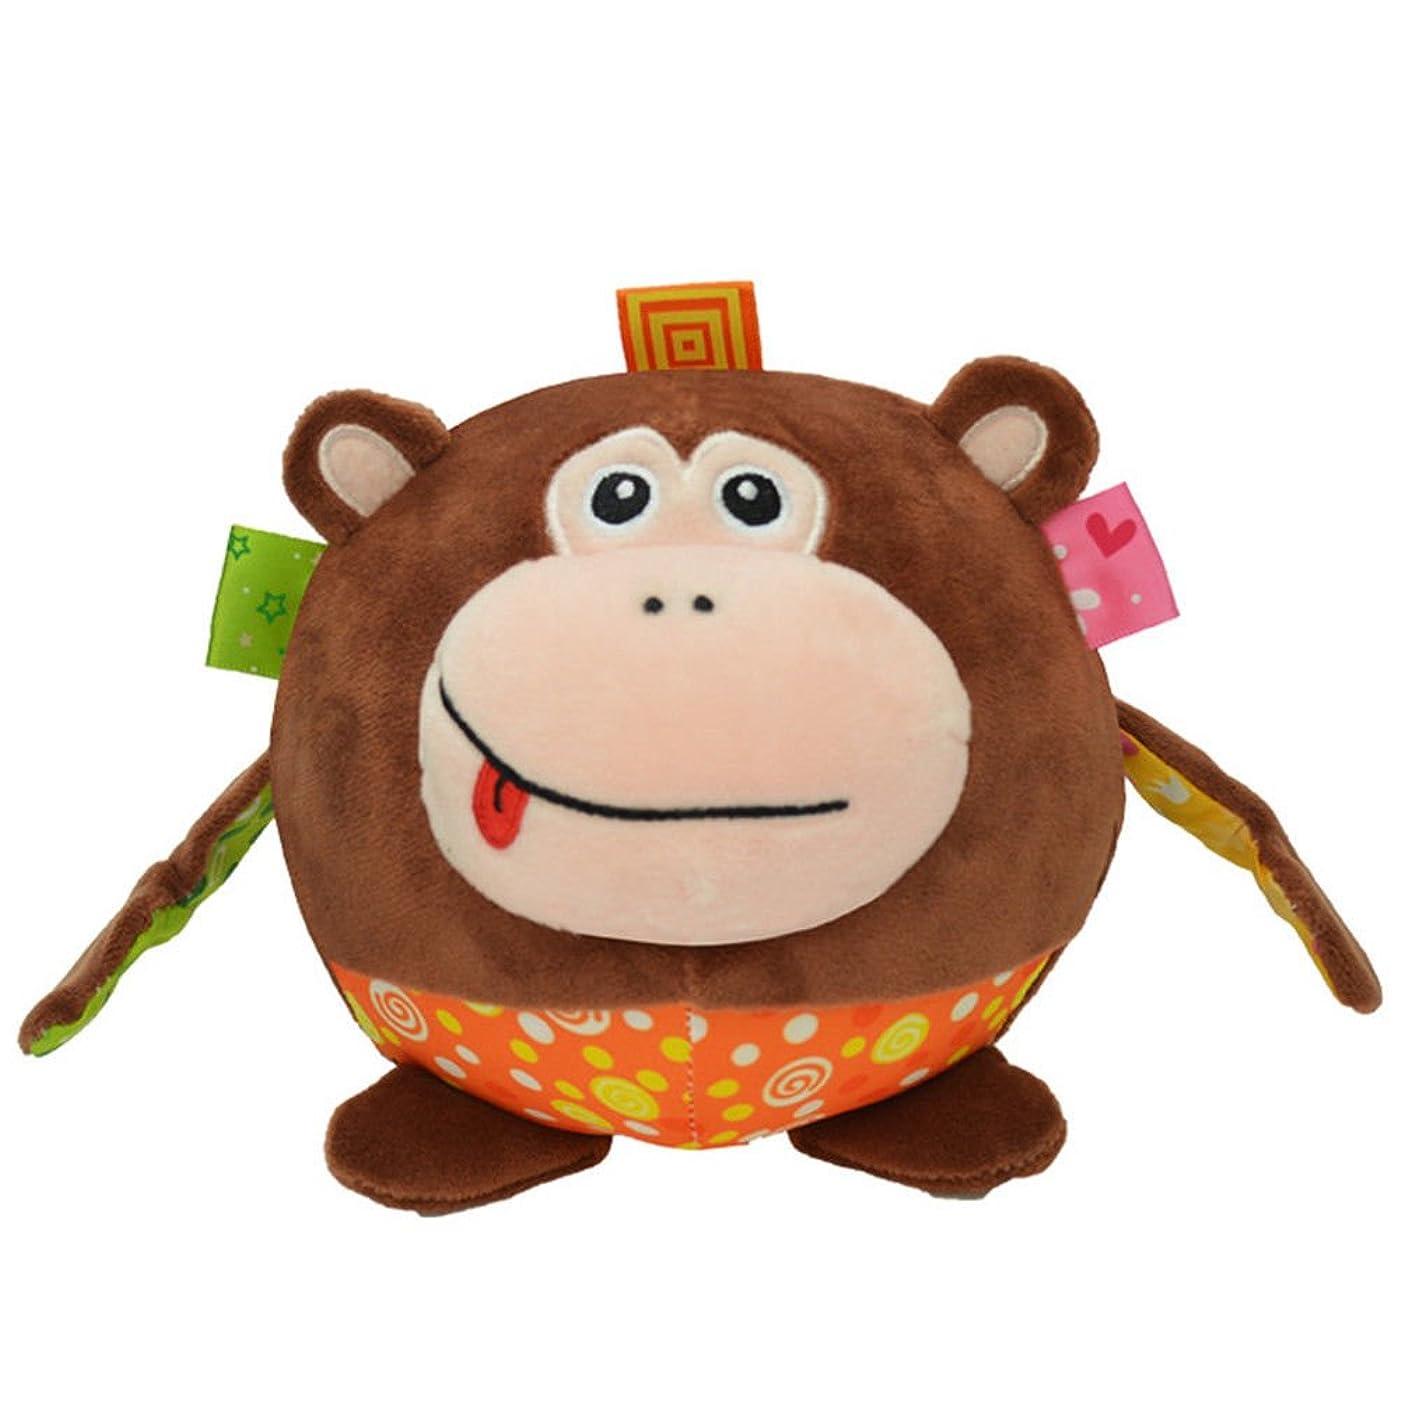 是正大聖堂高層ビルmonomono-image Vividキュート子供キッズ3d動物形状ボールおもちゃ( Monkey )